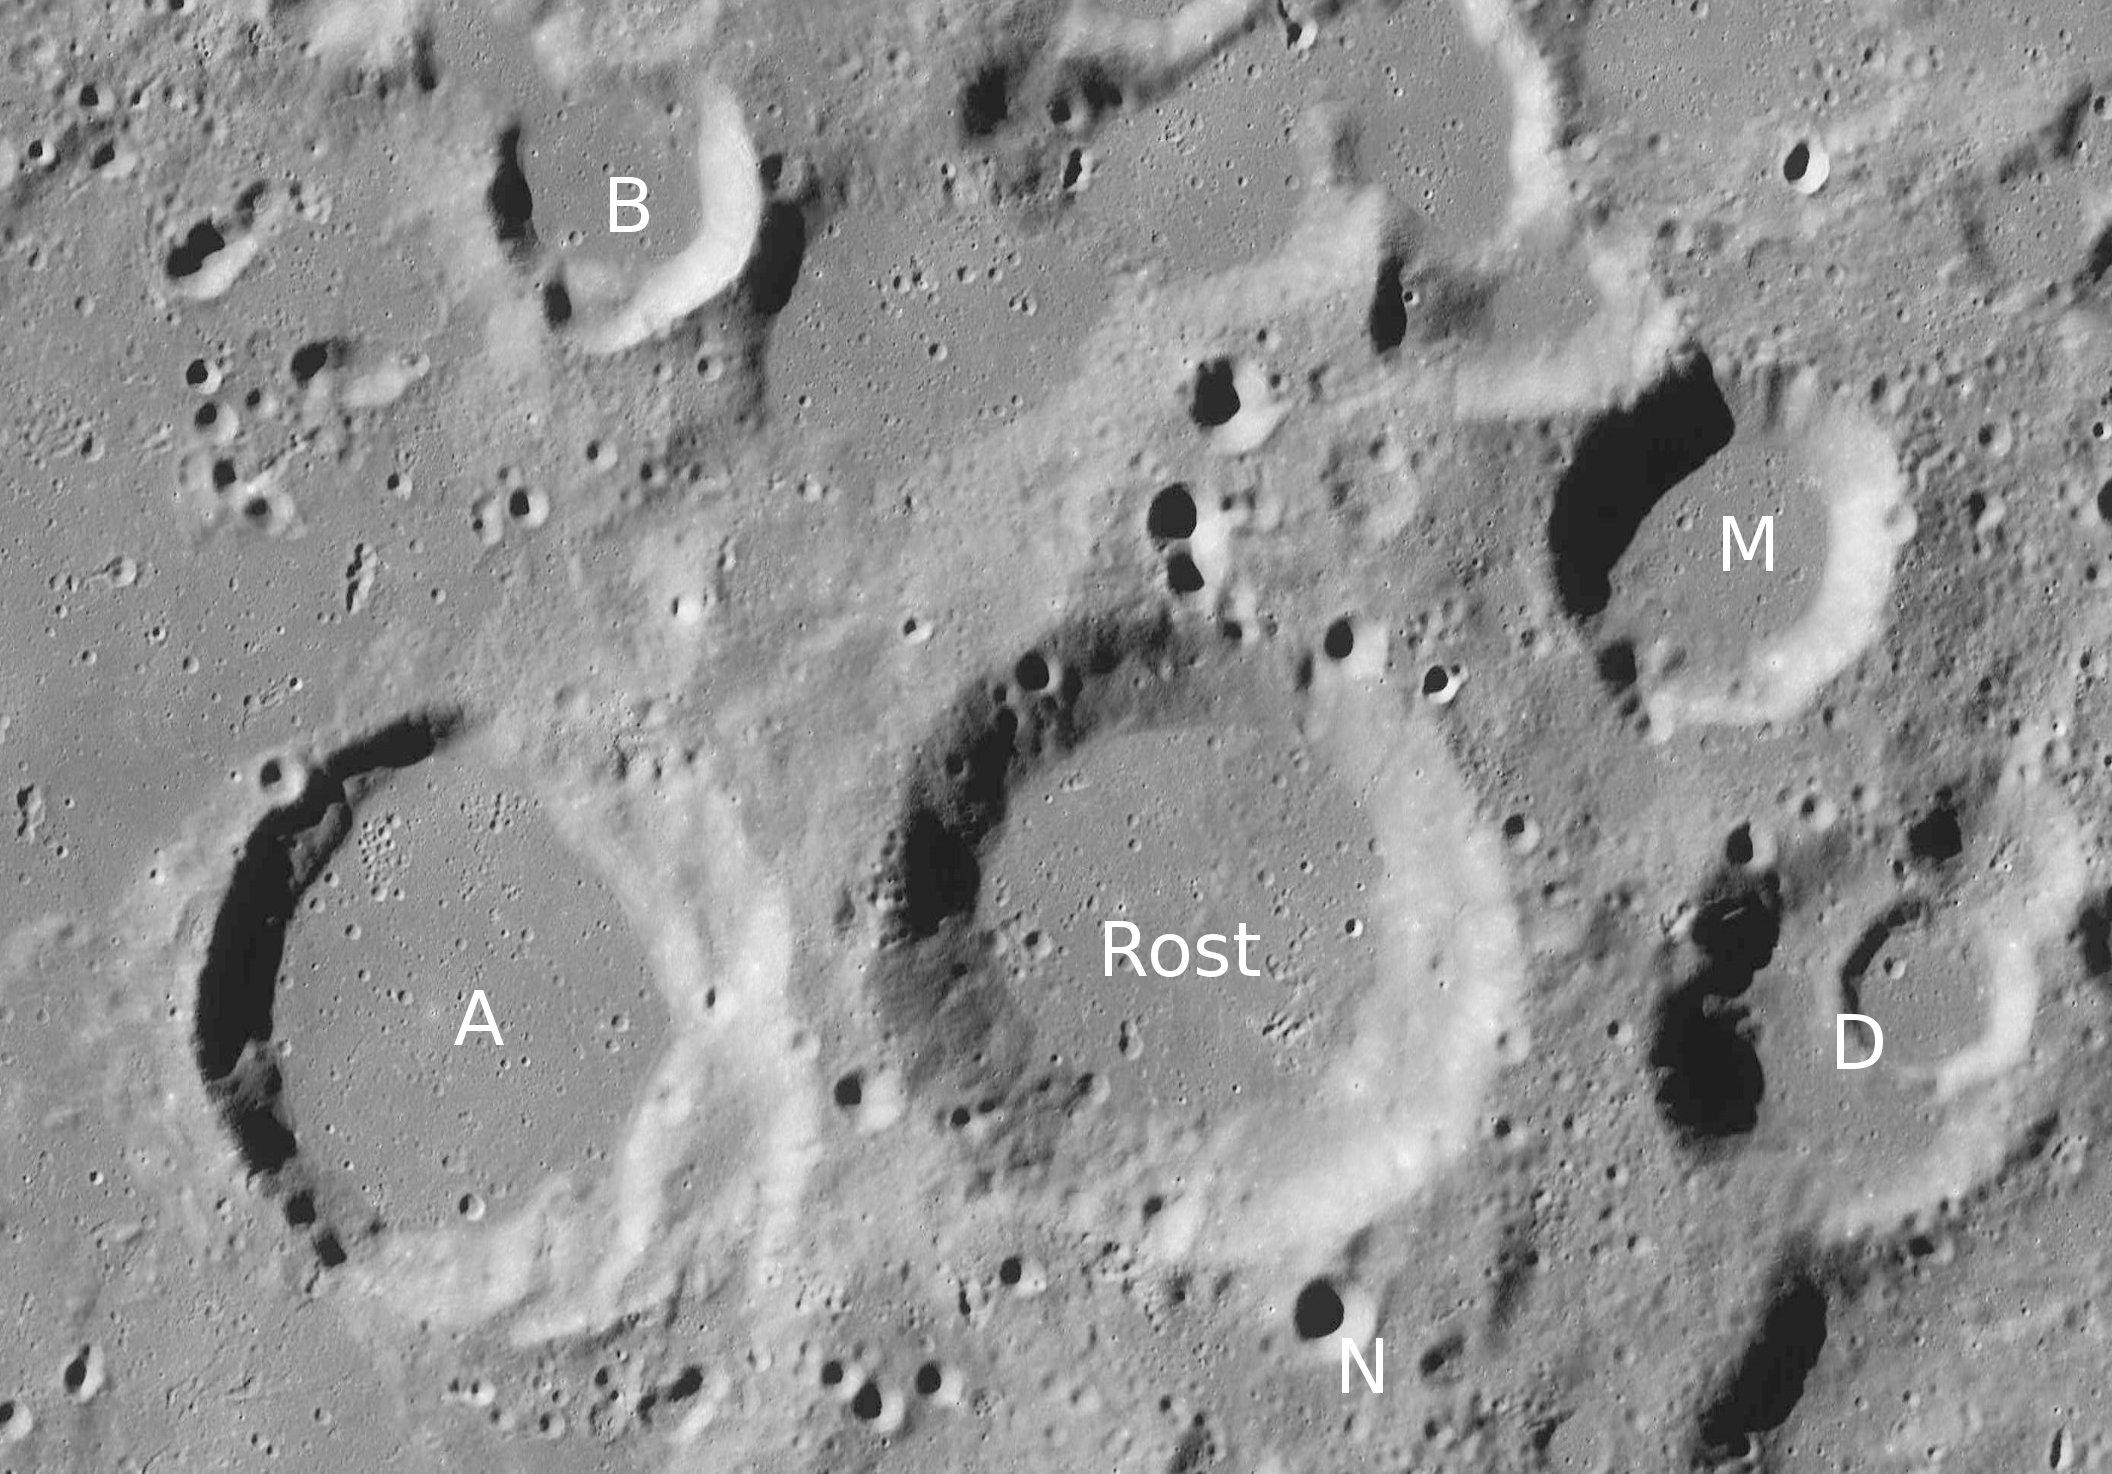 Rost - LROC - WAC.JPG